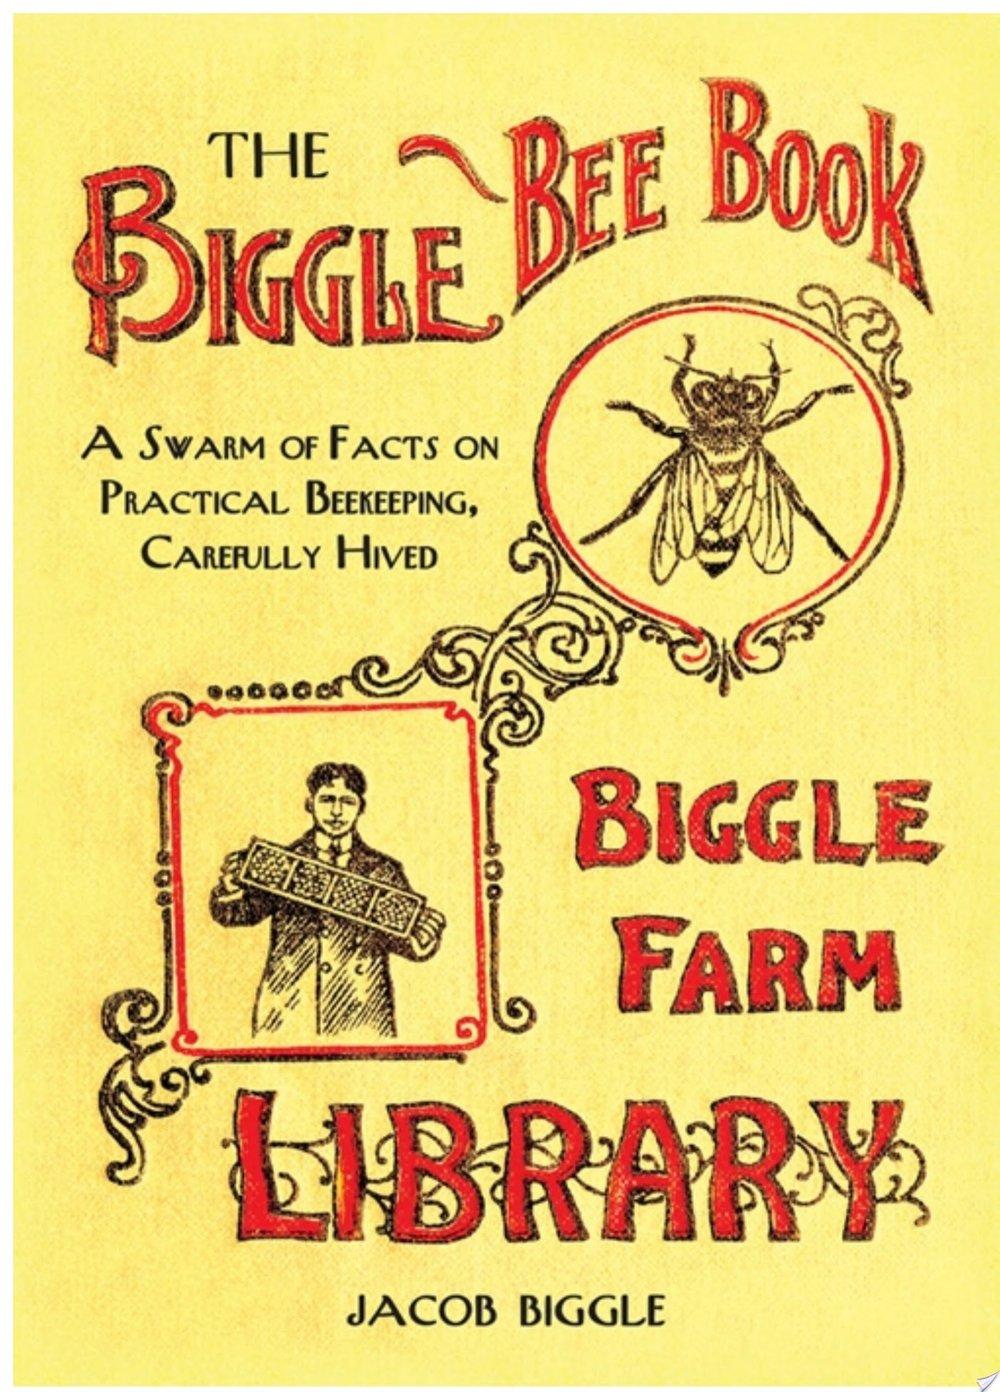 Biggle Bee Book.jpg